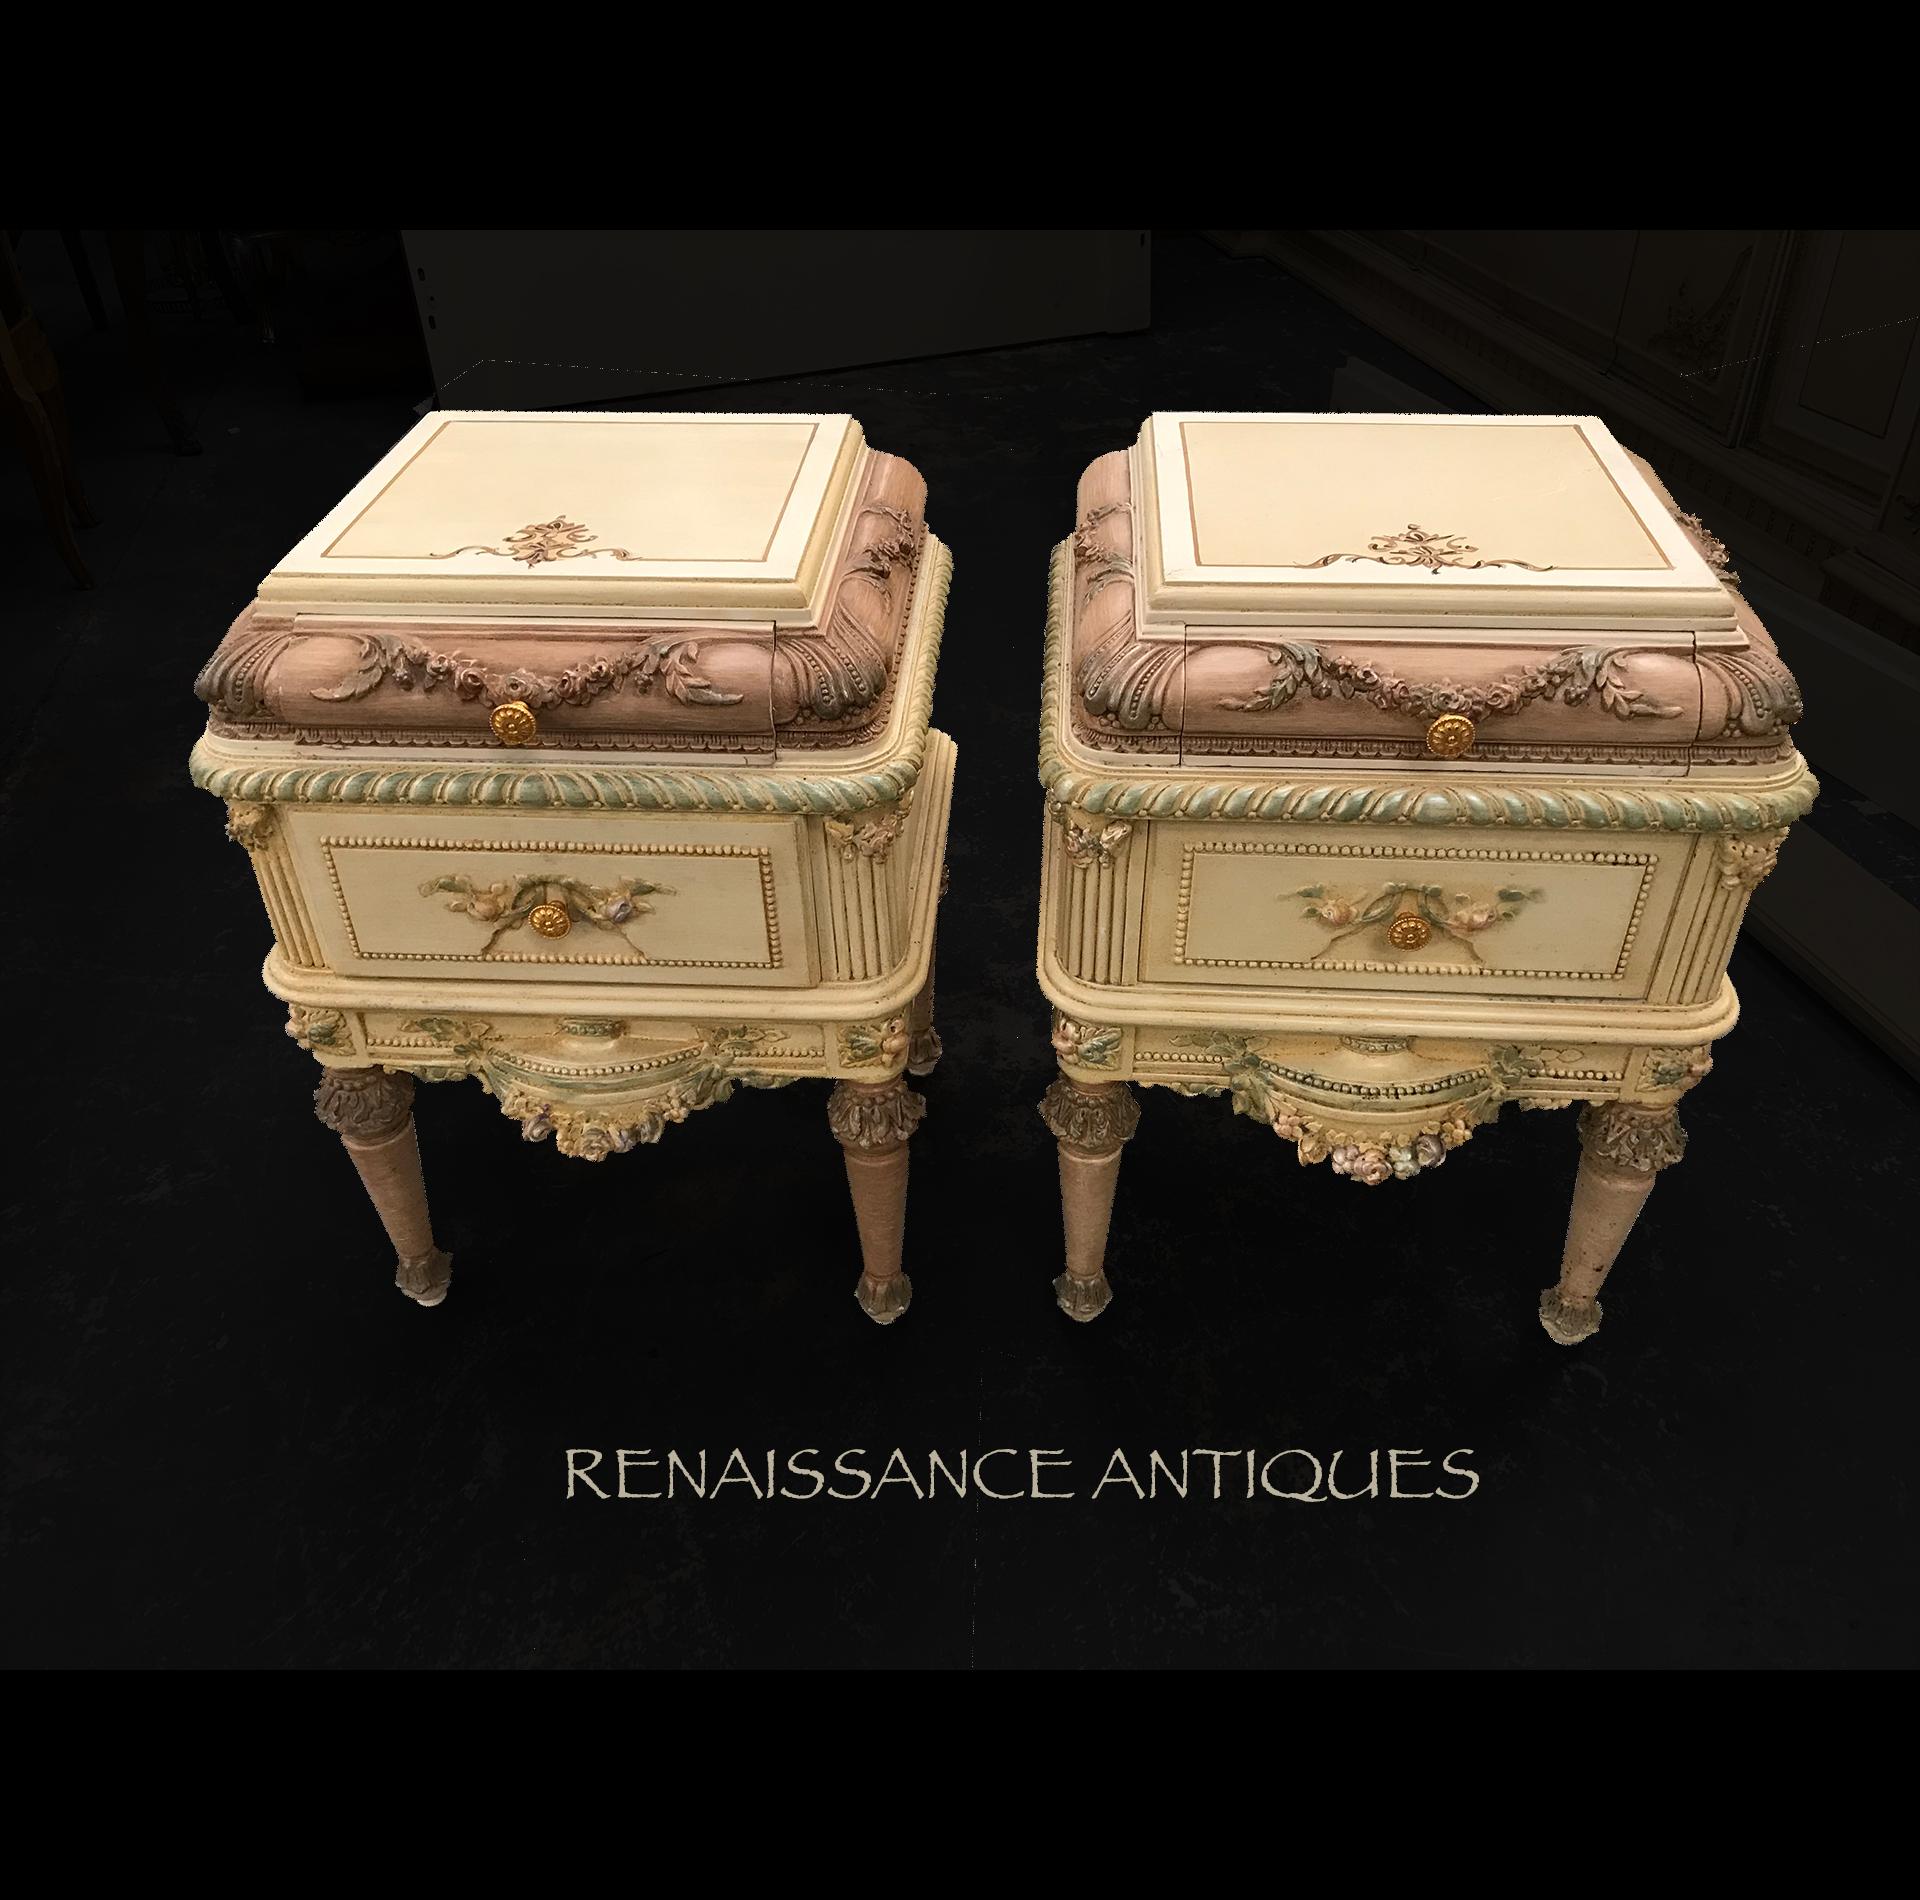 Delicieux Renaissance Antique